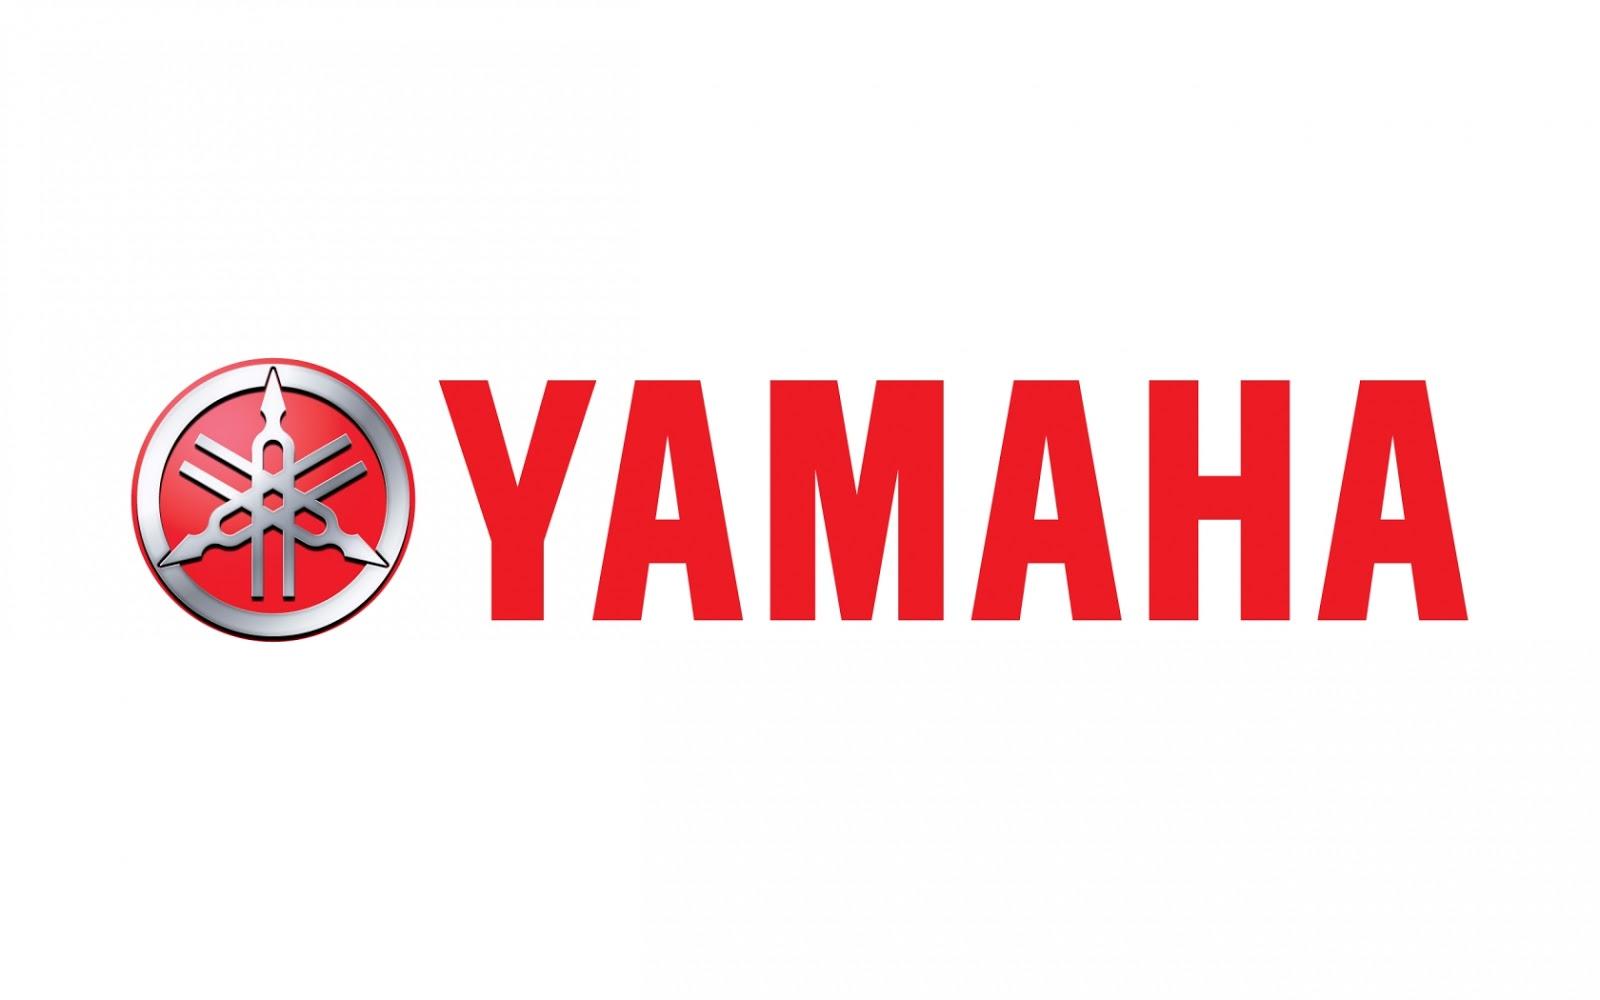 Lowongan Pekerjaan Yamaha